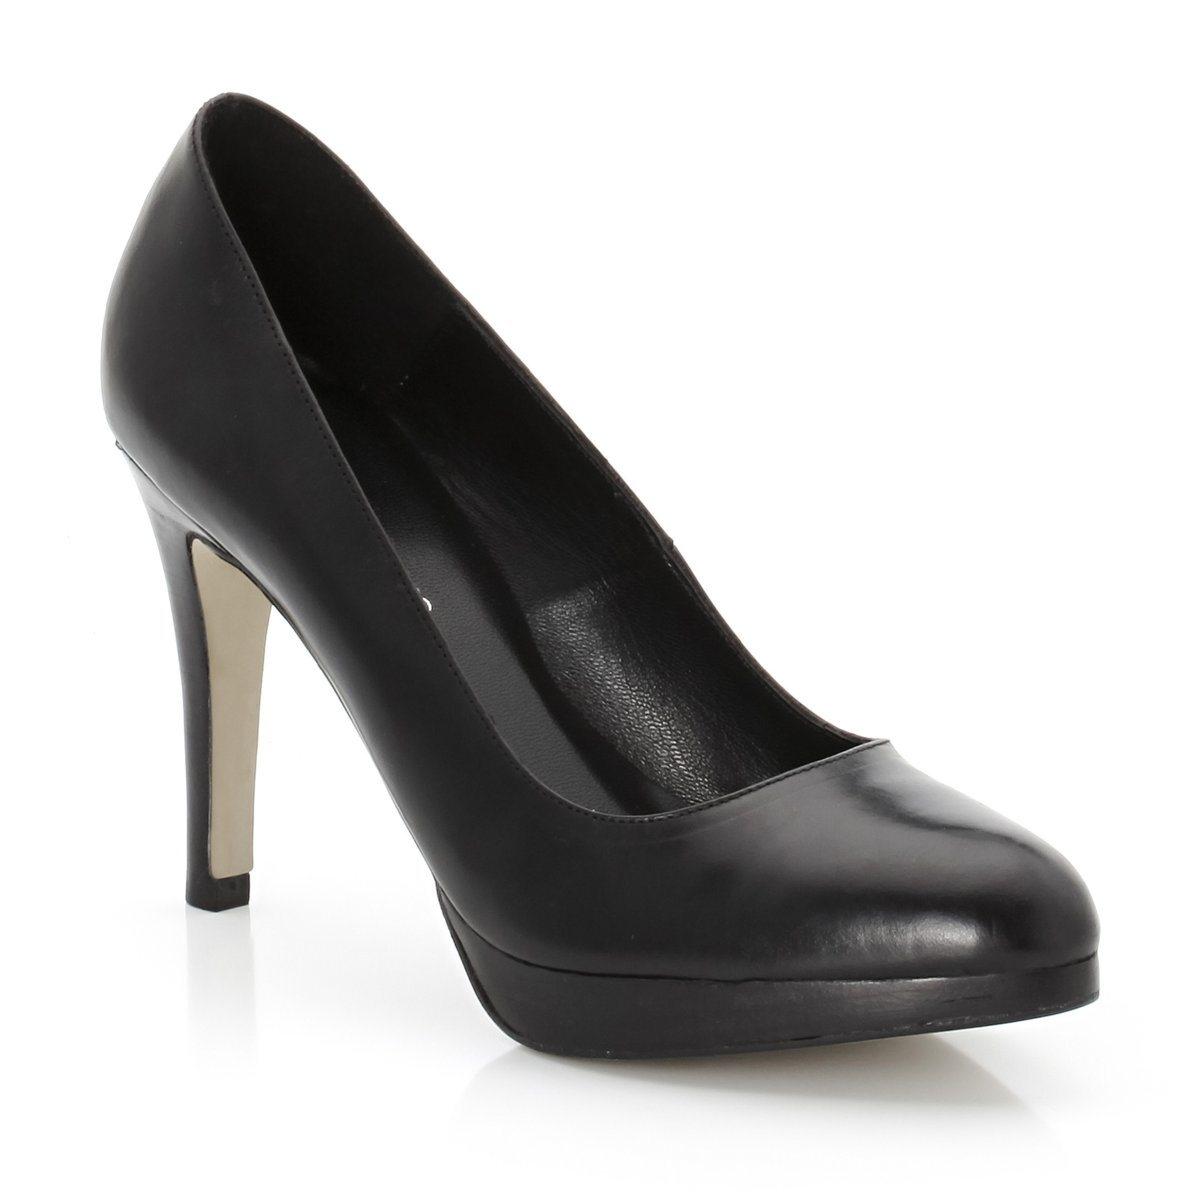 Туфли кожаныеТуфли с заостренным мысом JONAK. Верх из кожи. Подкладка и стелька из кожи. Каблук 8 см. Подошва из эластомера. Воплощение шика и гламура!<br><br>Цвет: бежевый